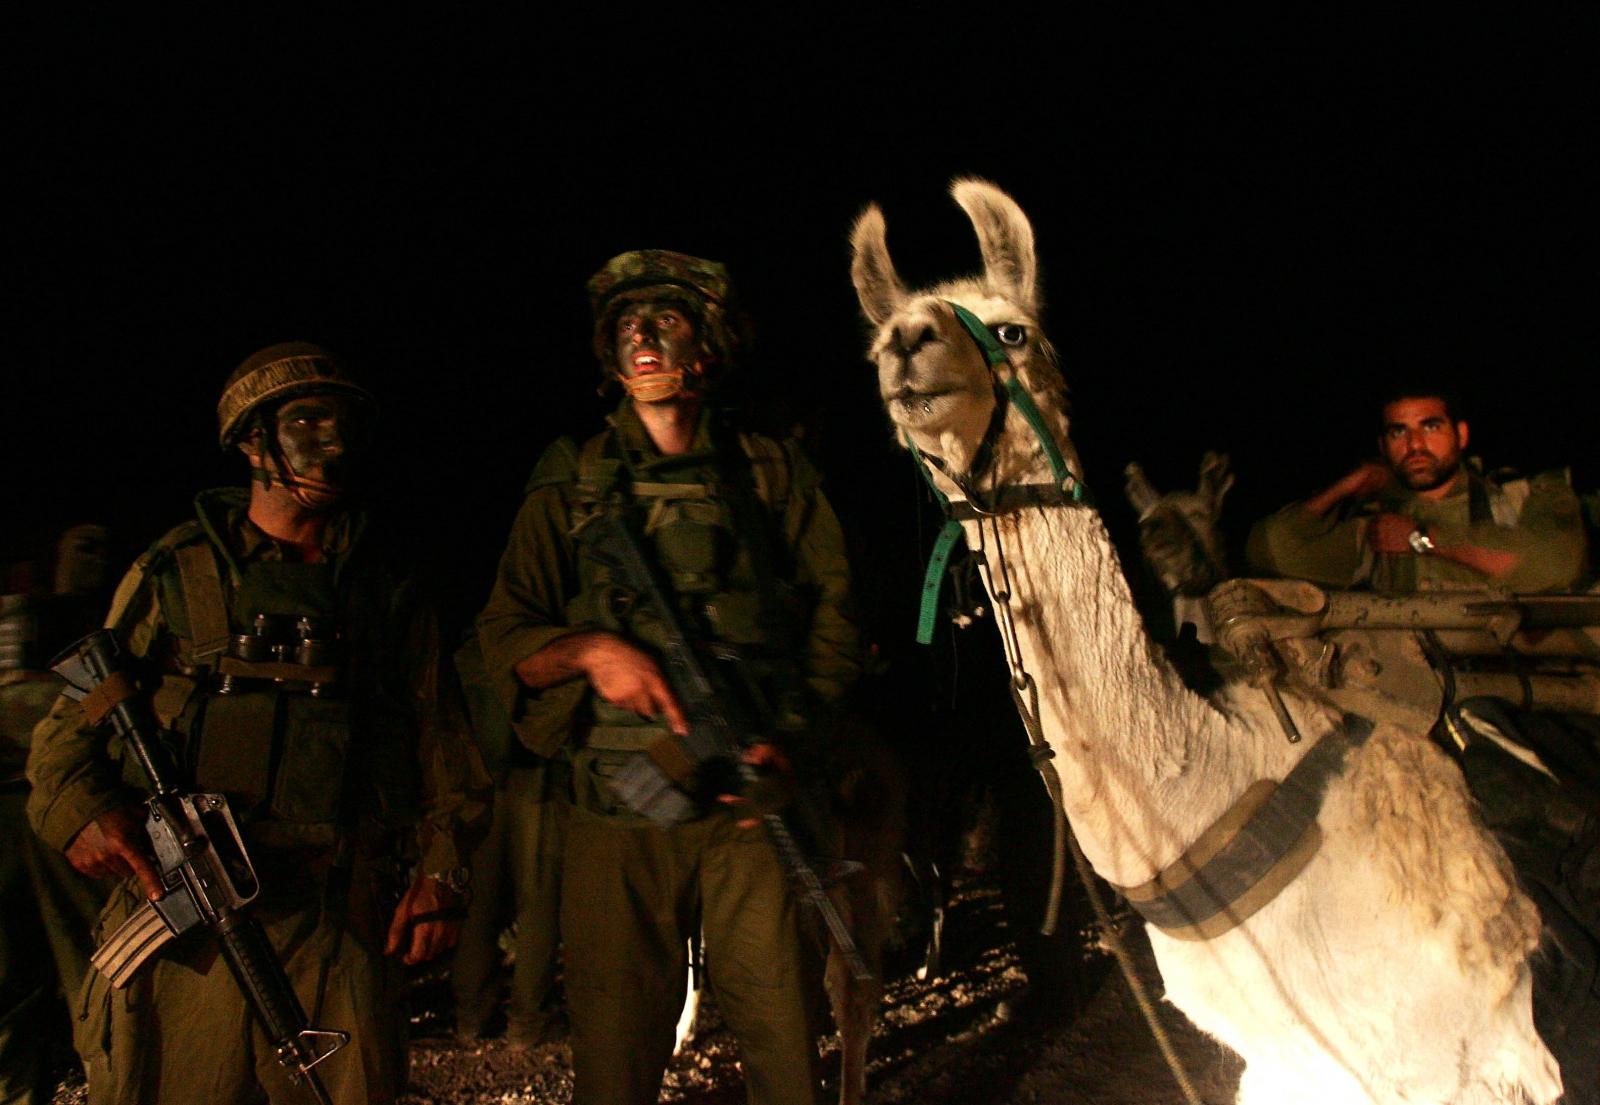 Israel llamas and robots